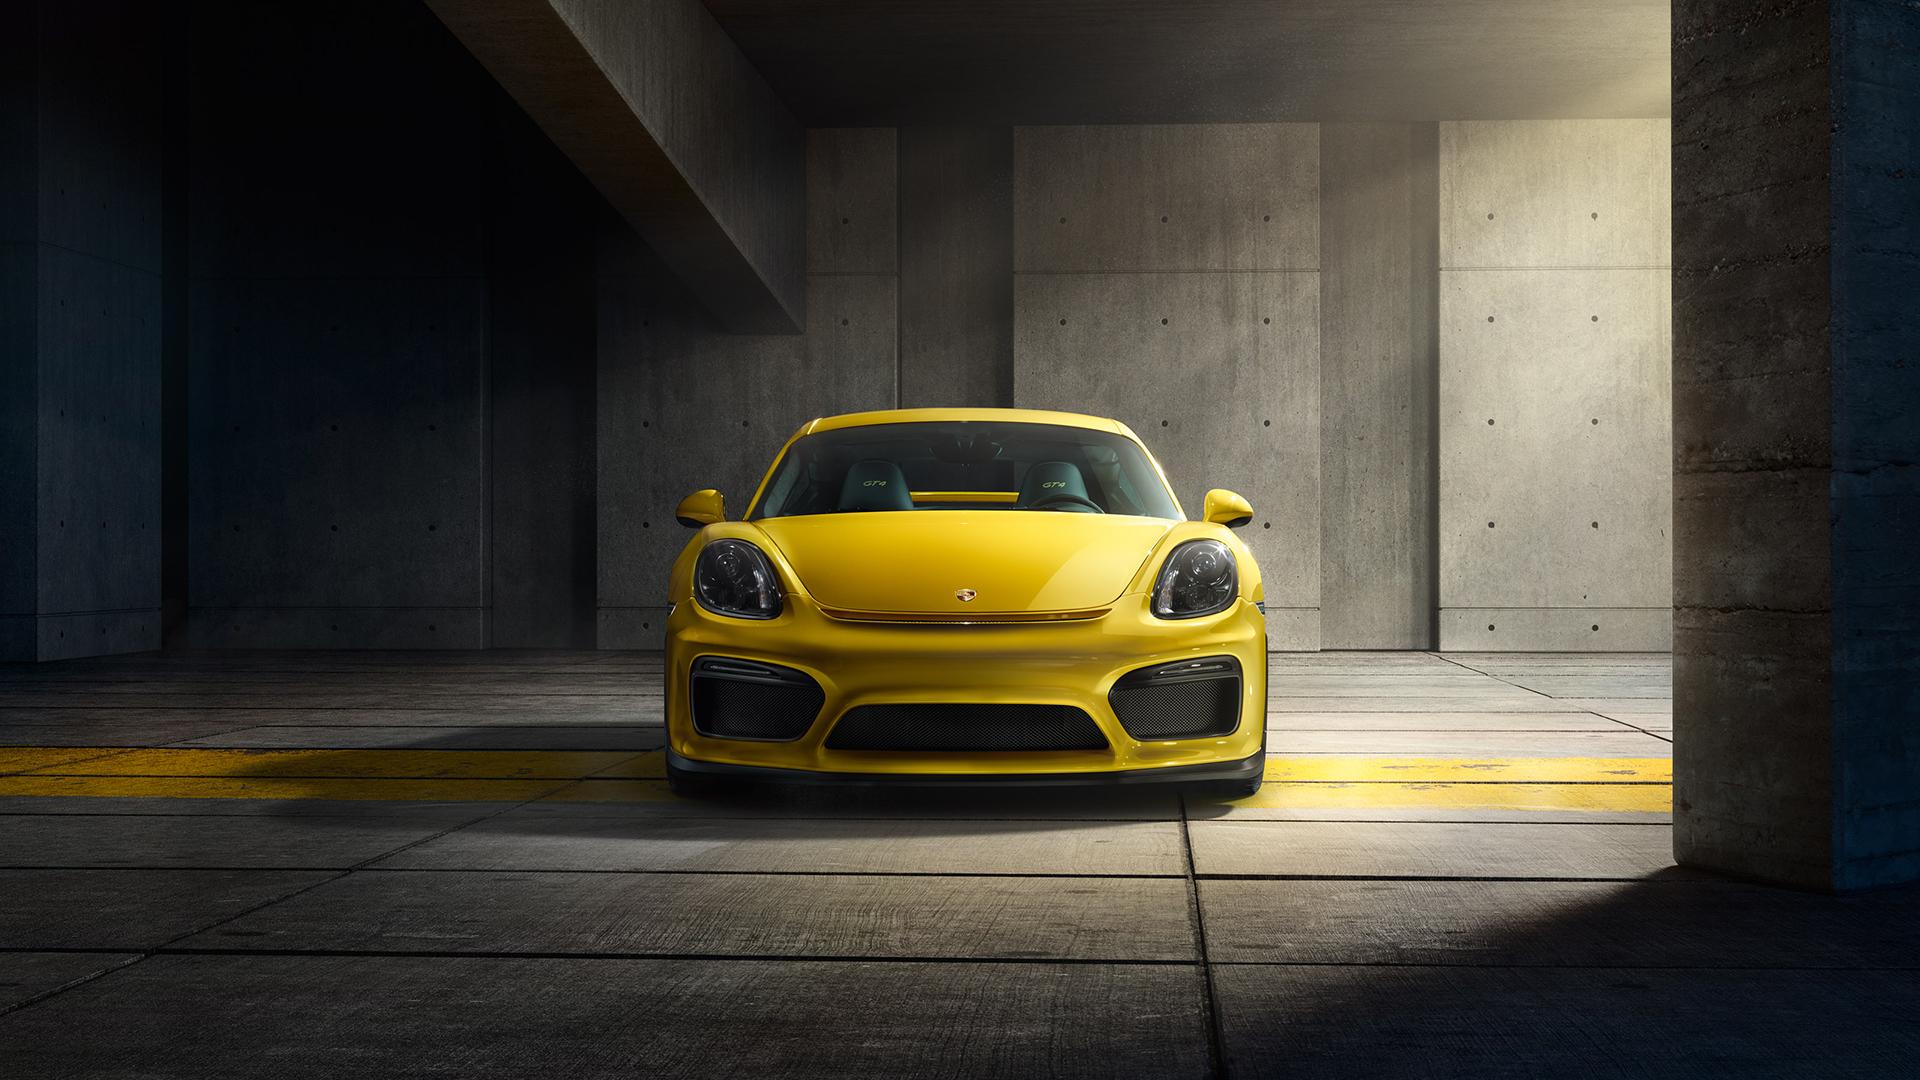 Porsche Cayman Gt4 Front View Wallpaper 47784 1920x1080px